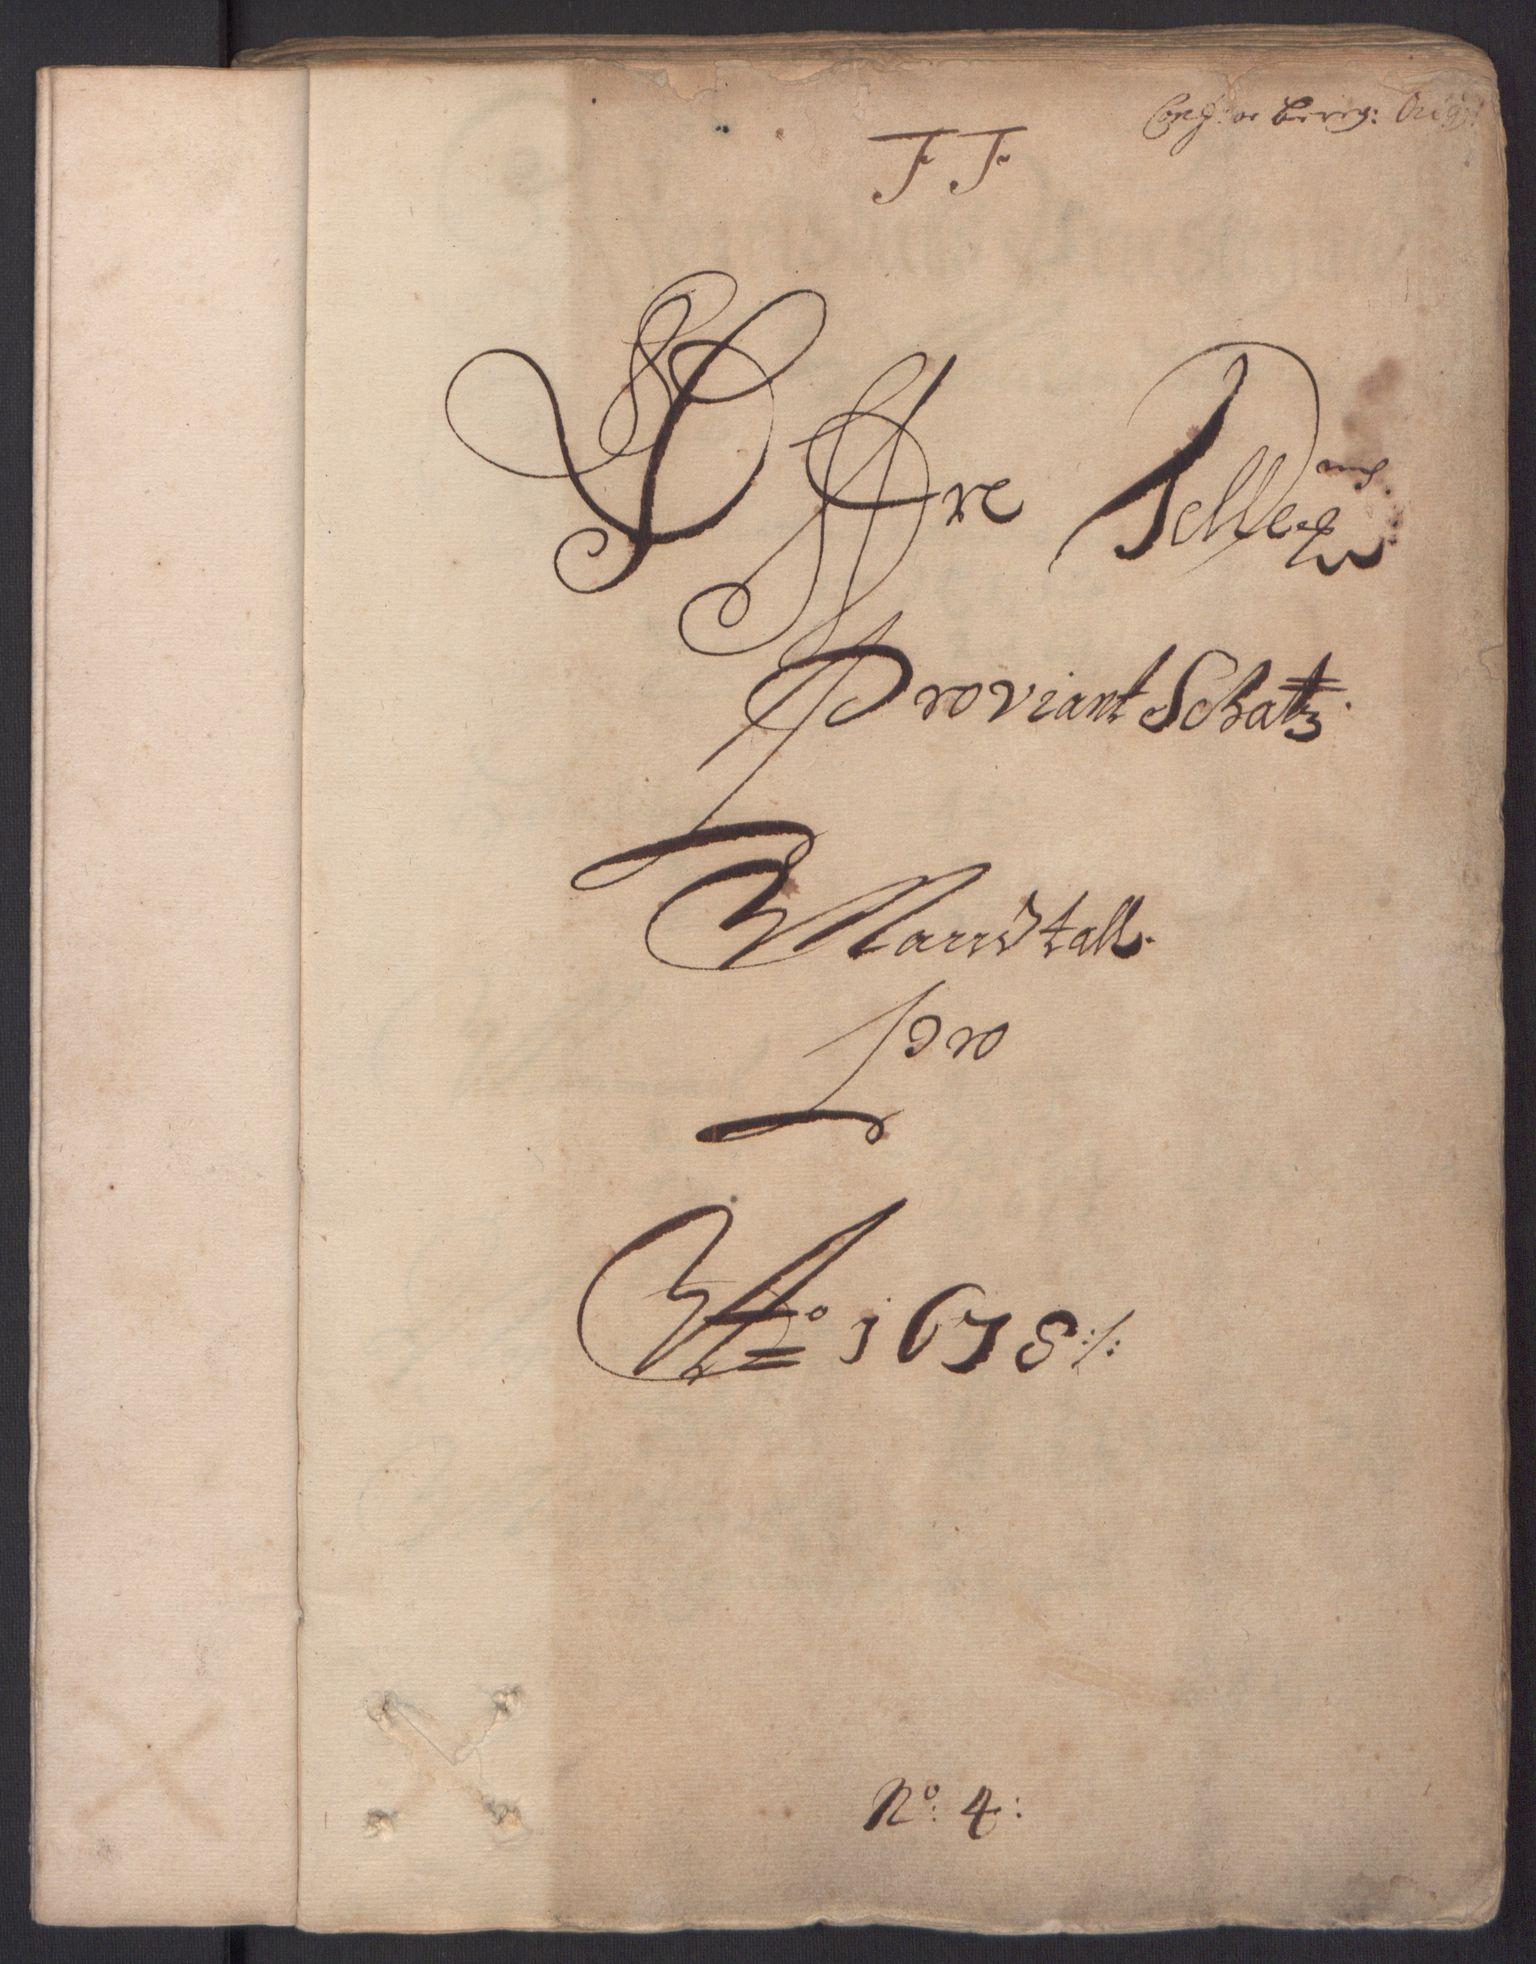 RA, Rentekammeret inntil 1814, Reviderte regnskaper, Fogderegnskap, R35/L2071: Fogderegnskap Øvre og Nedre Telemark, 1678, s. 3